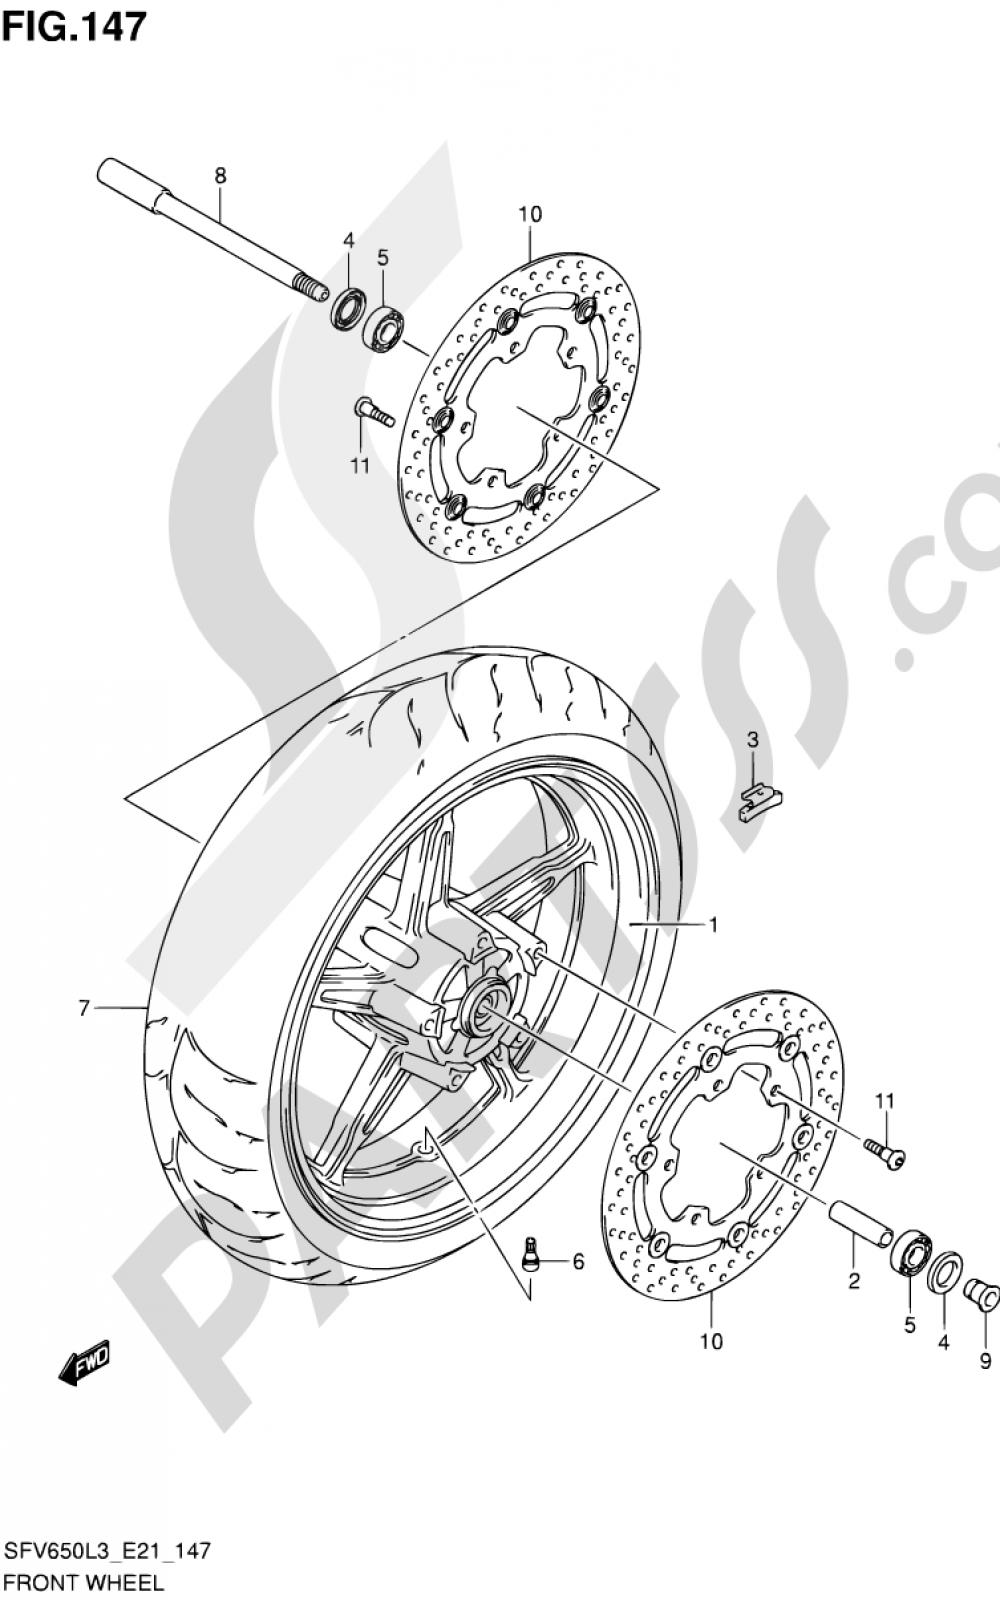 147 - FRONT WHEEL (SFV650L3 E24) Suzuki GLADIUS SFV650A 2013